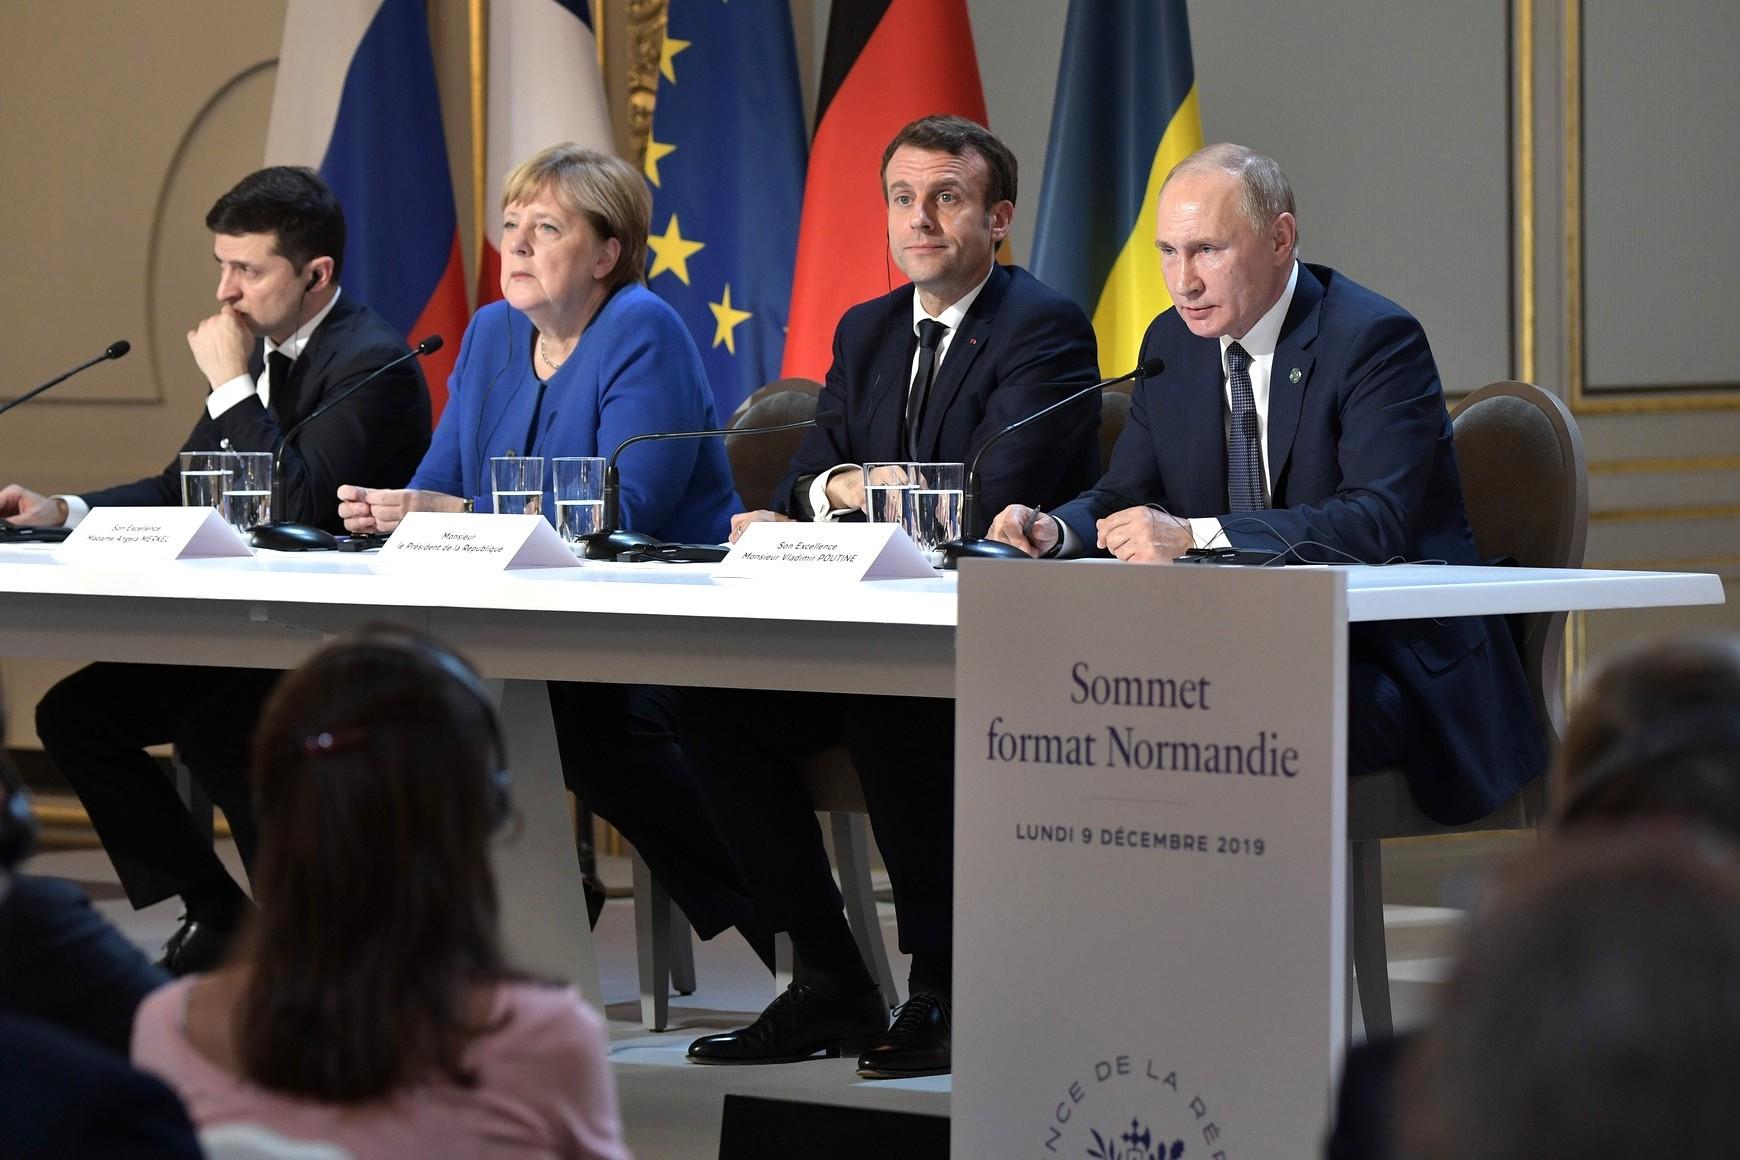 Ukrajinski predsednik Vladimir Zelenski, nemačka kancelarka Angela Merkel, francuski predsednik Emanuel Makron i ruski predsednik Vladimir Putin tokom zajedničke konferencije za medije nakon samita Normandijske grupe, Pariz, 10. decembar 2019. (Foto: kremlin.ru)